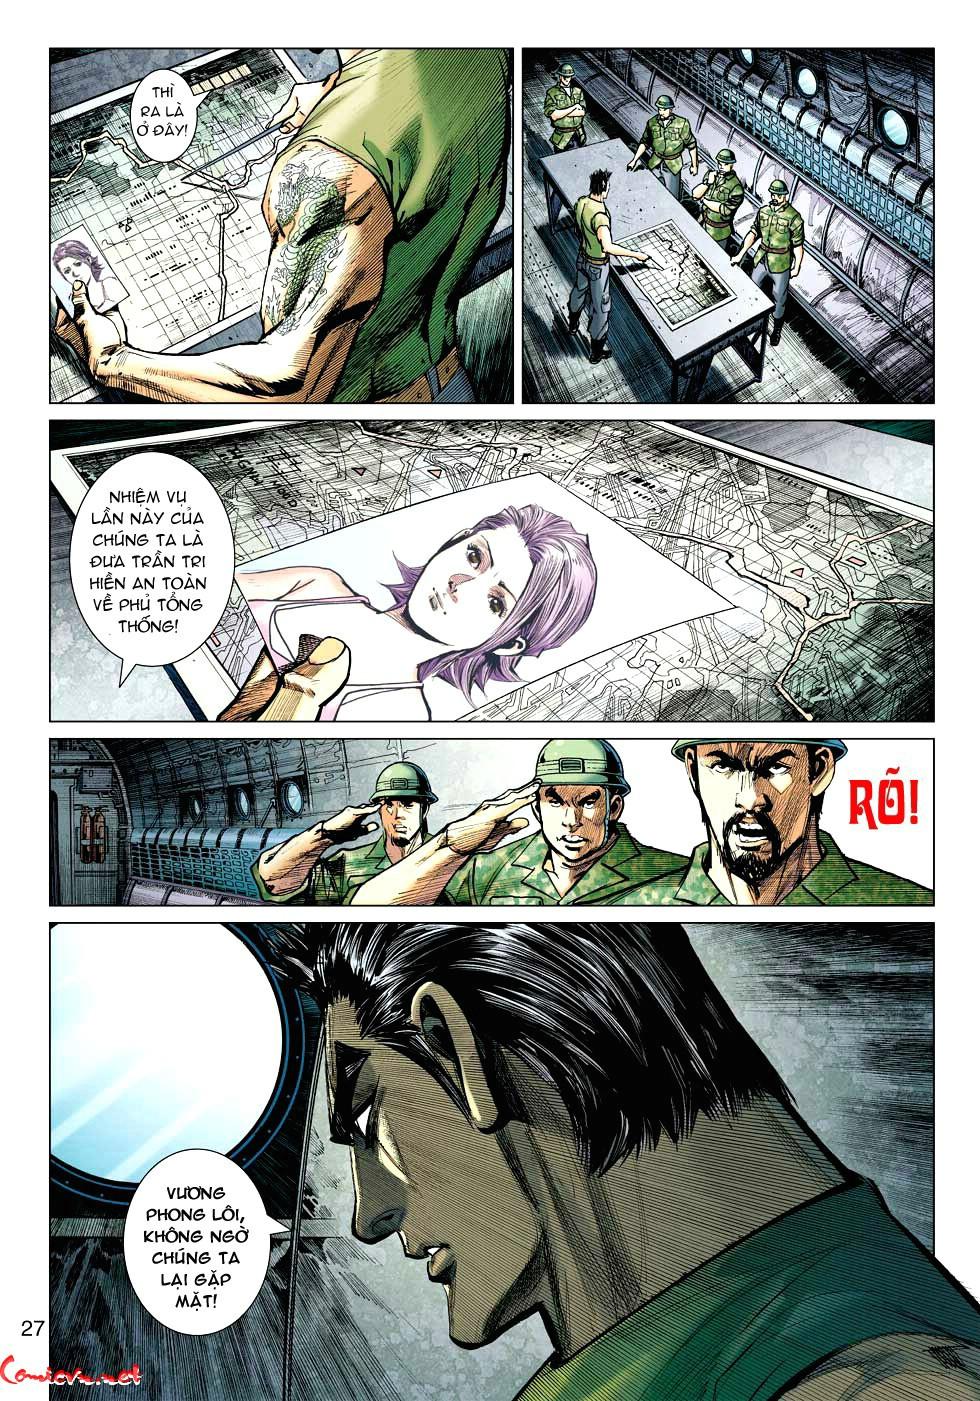 Vương Phong Lôi 1 chap 34 - Trang 27